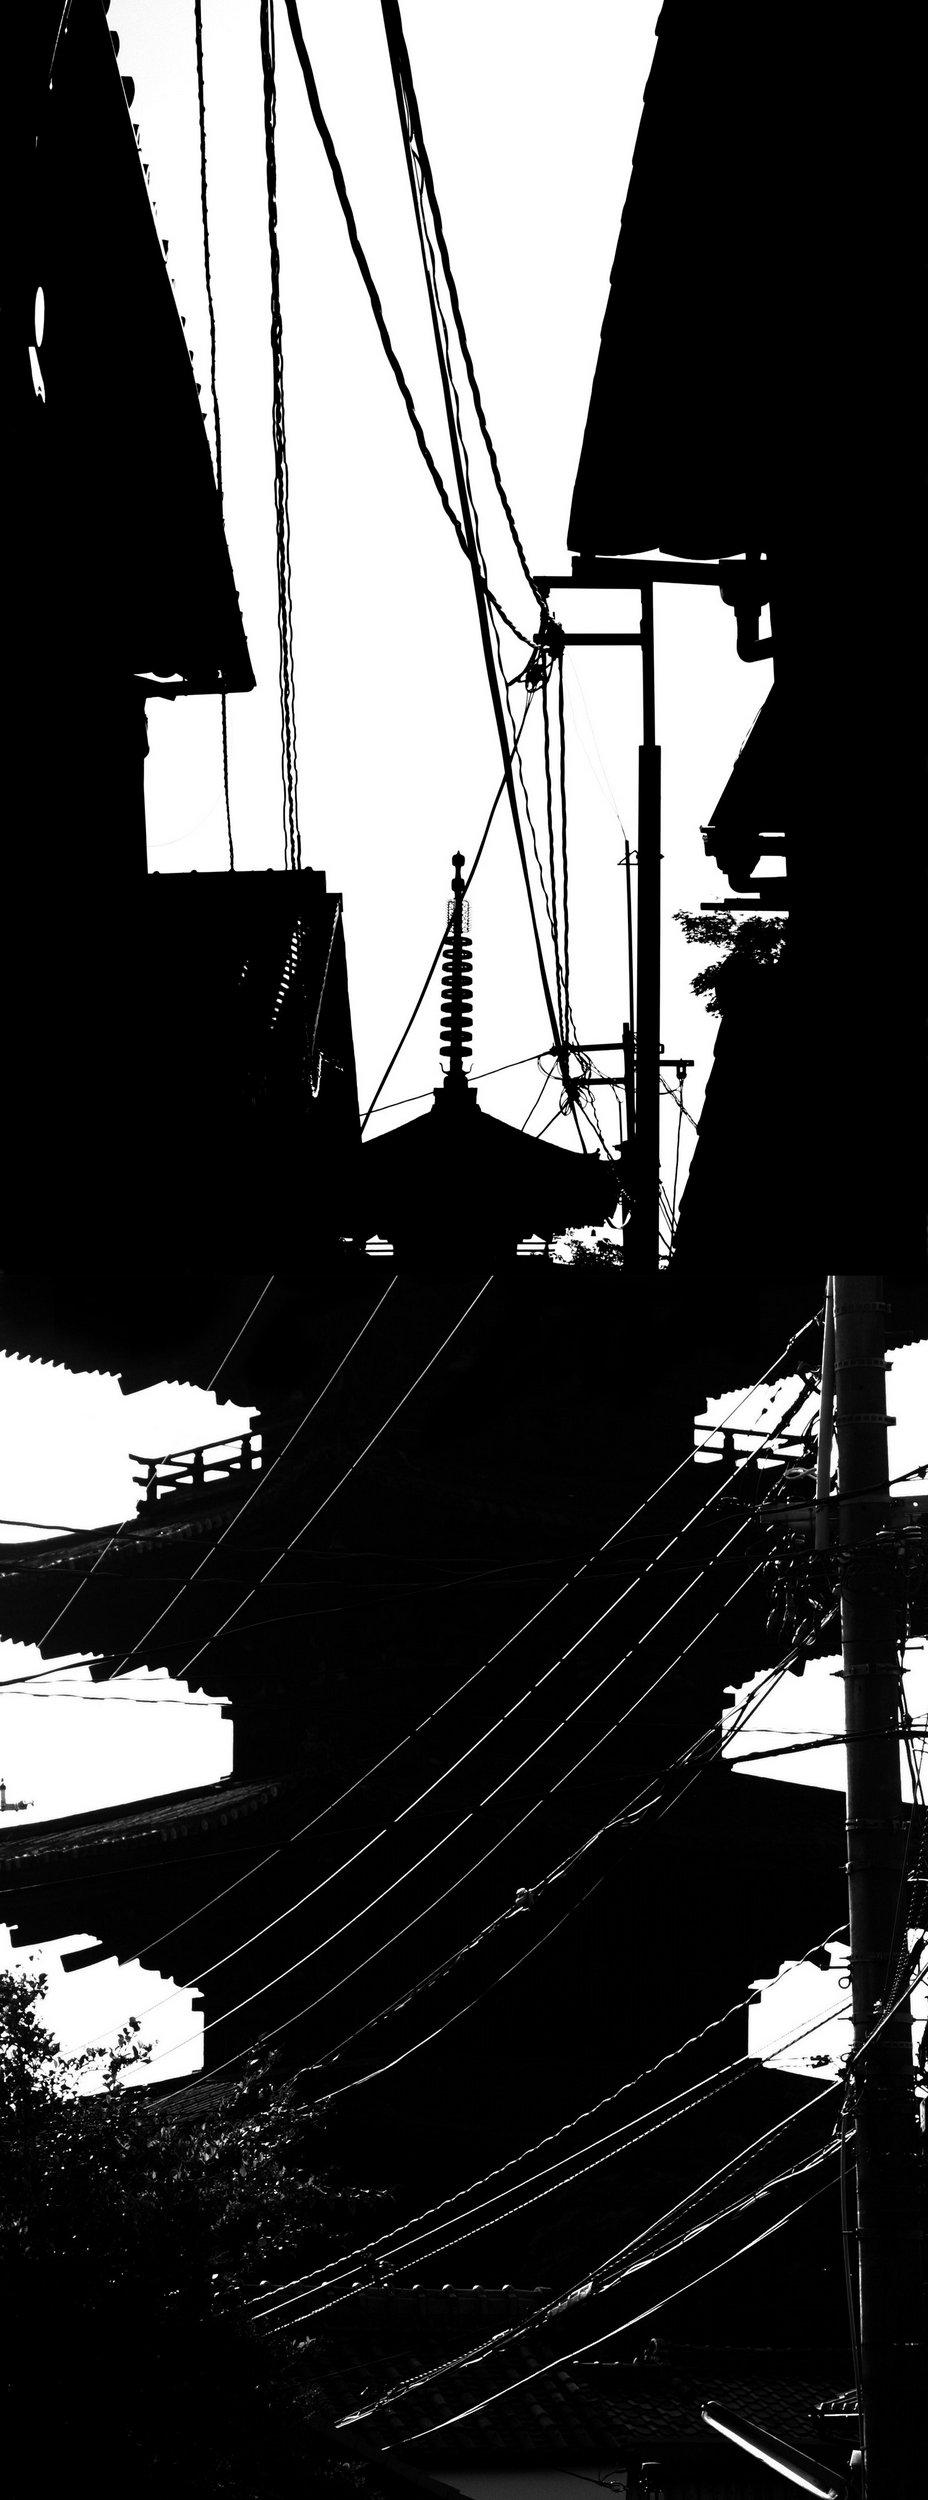 Tone Scape 01 by Hideki Kuwajima